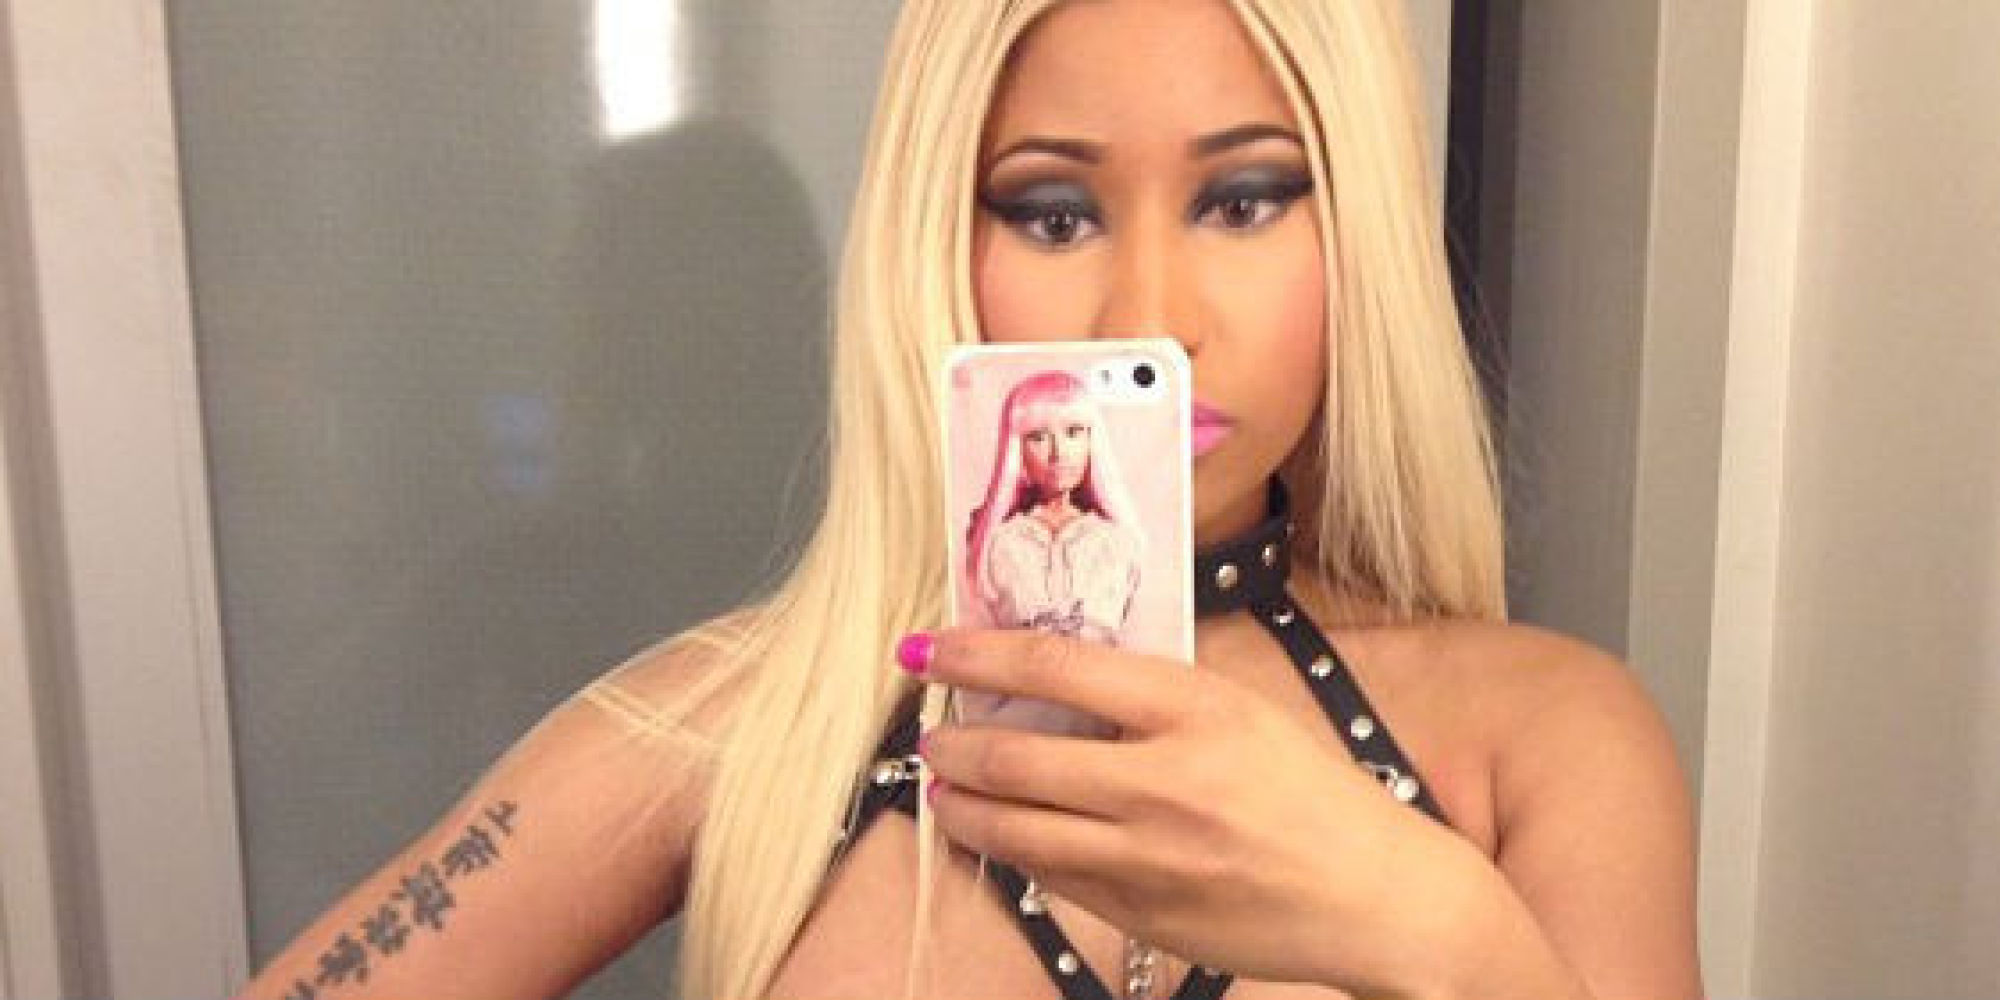 Nicki Minaj Wins Most-Naked Halloween Costume, Is -8398